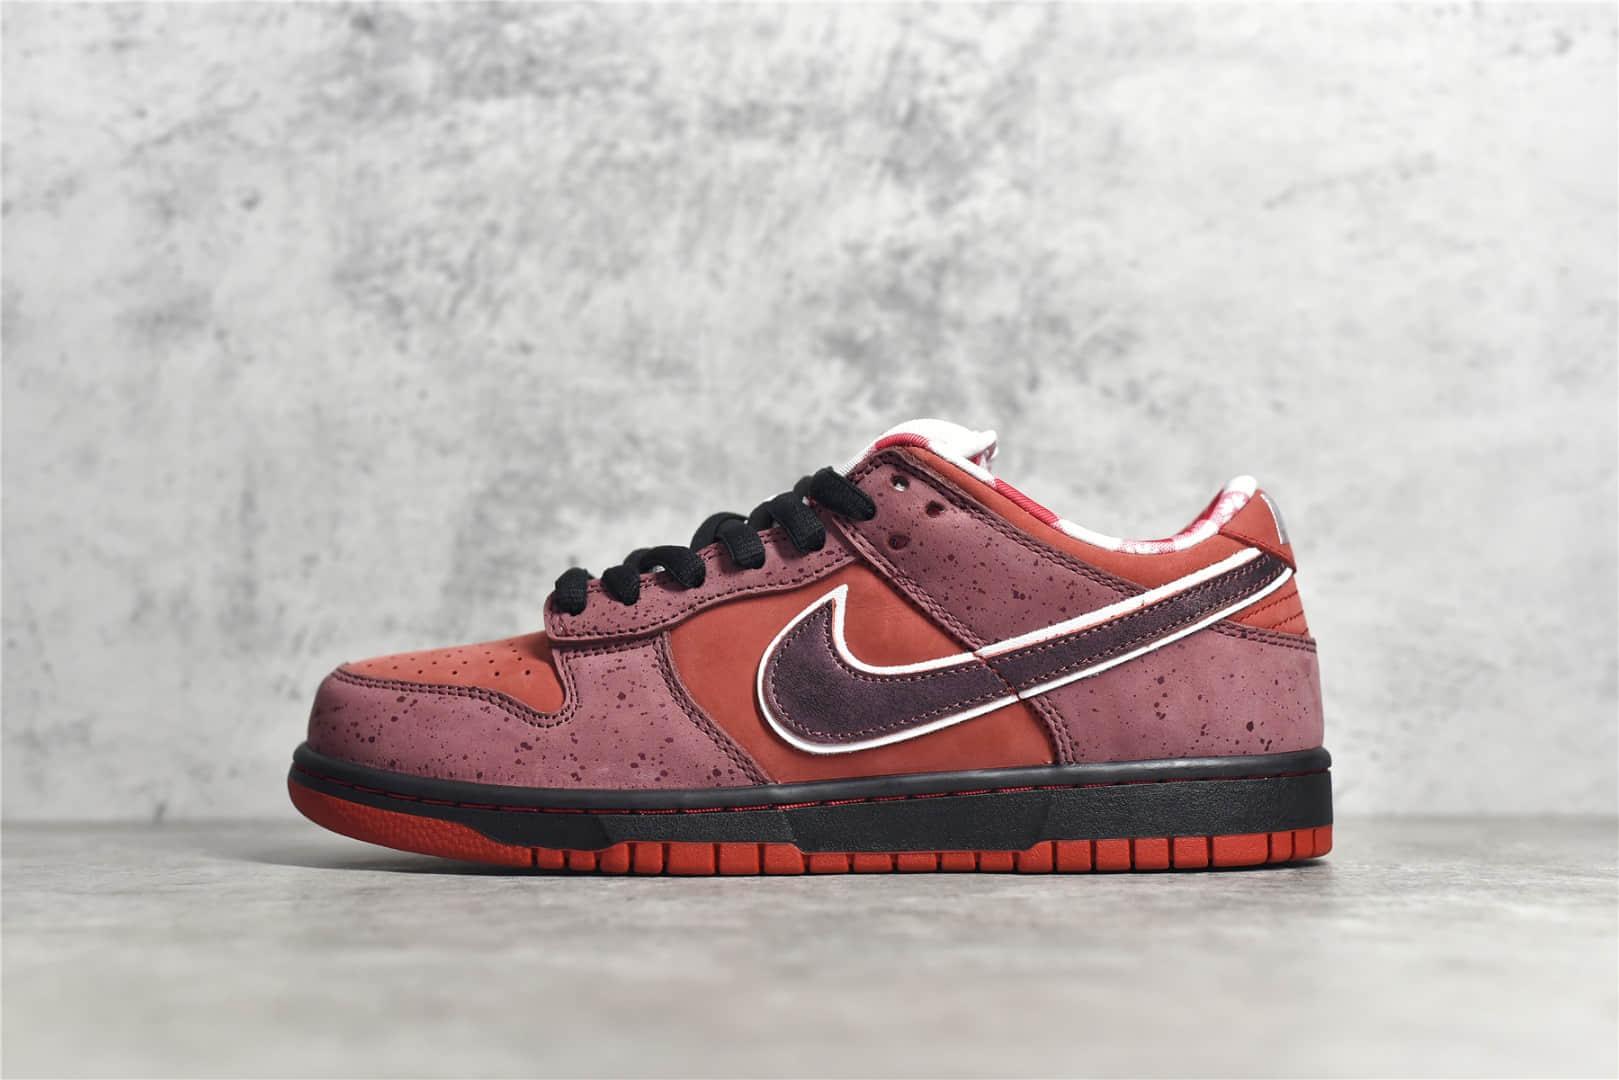 耐克Dunk龙虾限定原盒 Nike Dunk Low Red Lobster 耐克龙虾 耐克Dunk砖红低帮 货号:313170-661-潮流者之家